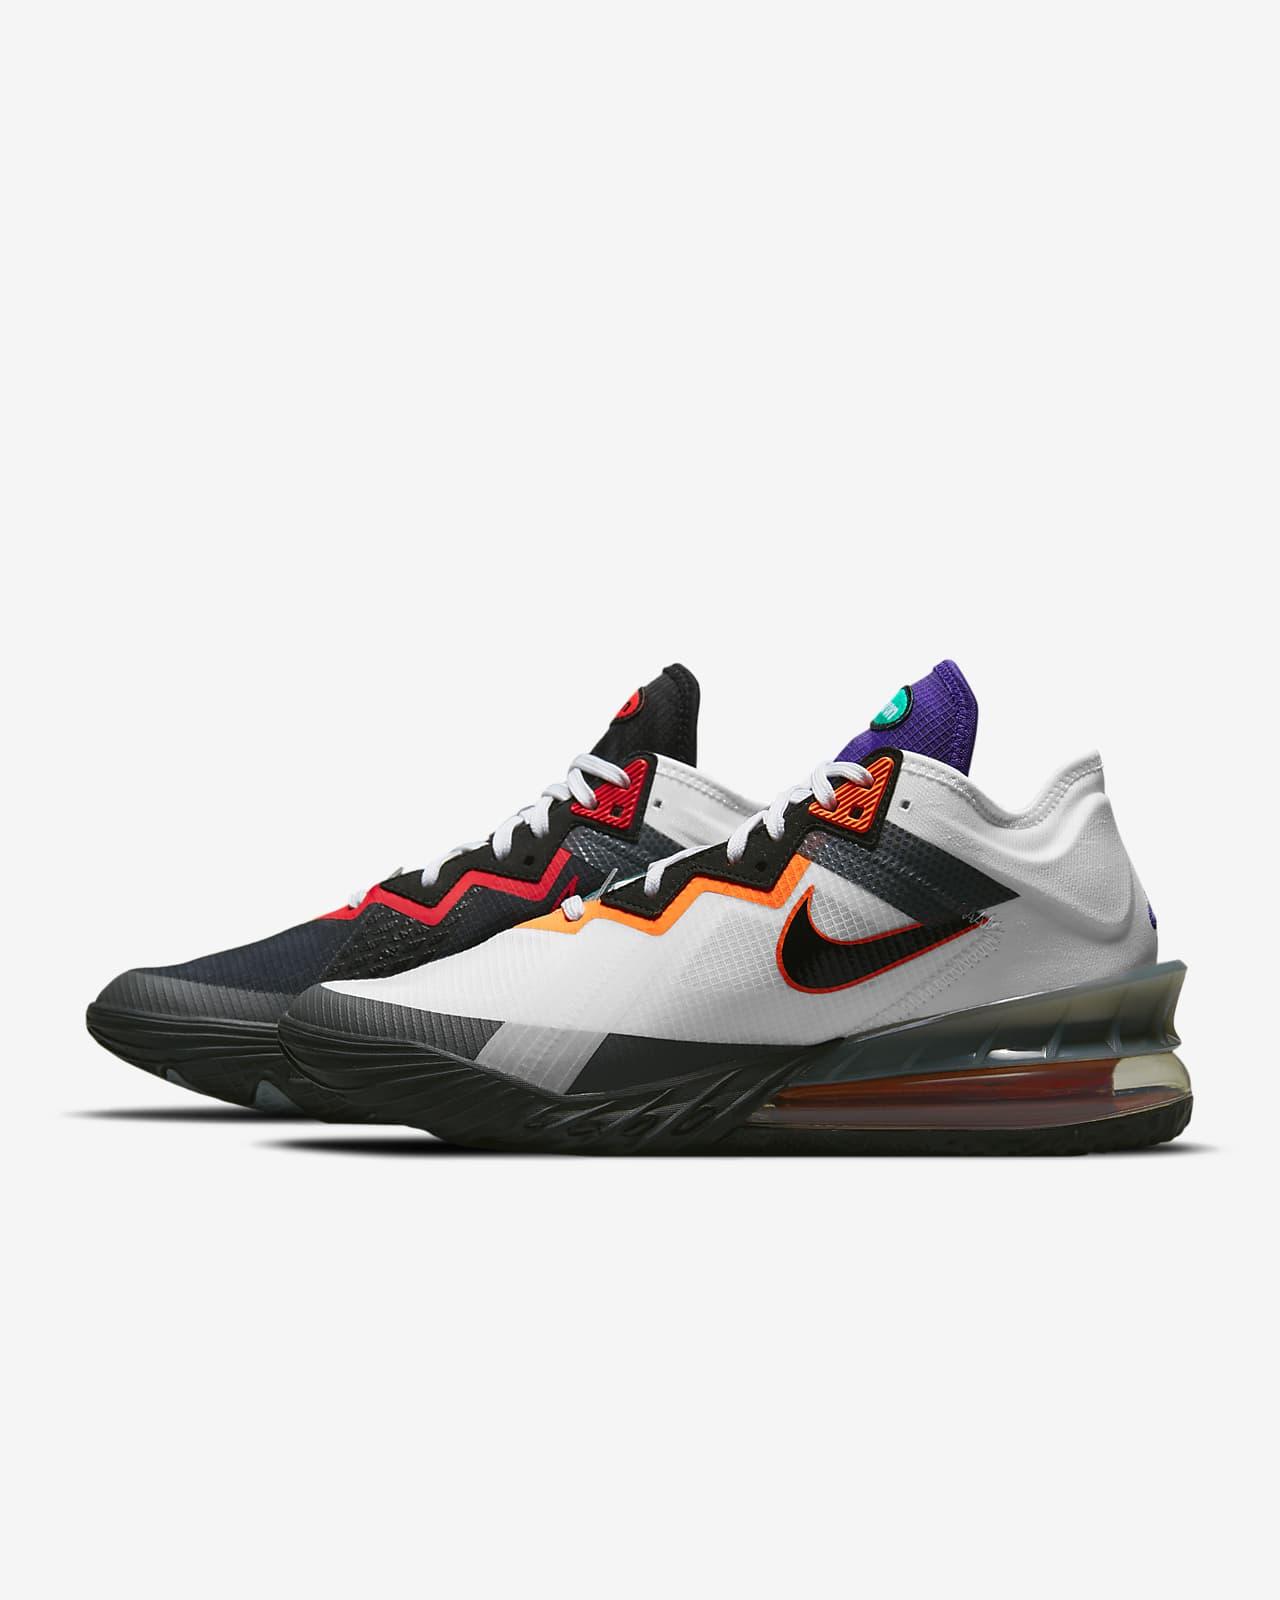 รองเท้าบาสเก็ตบอล LeBron 18 Low